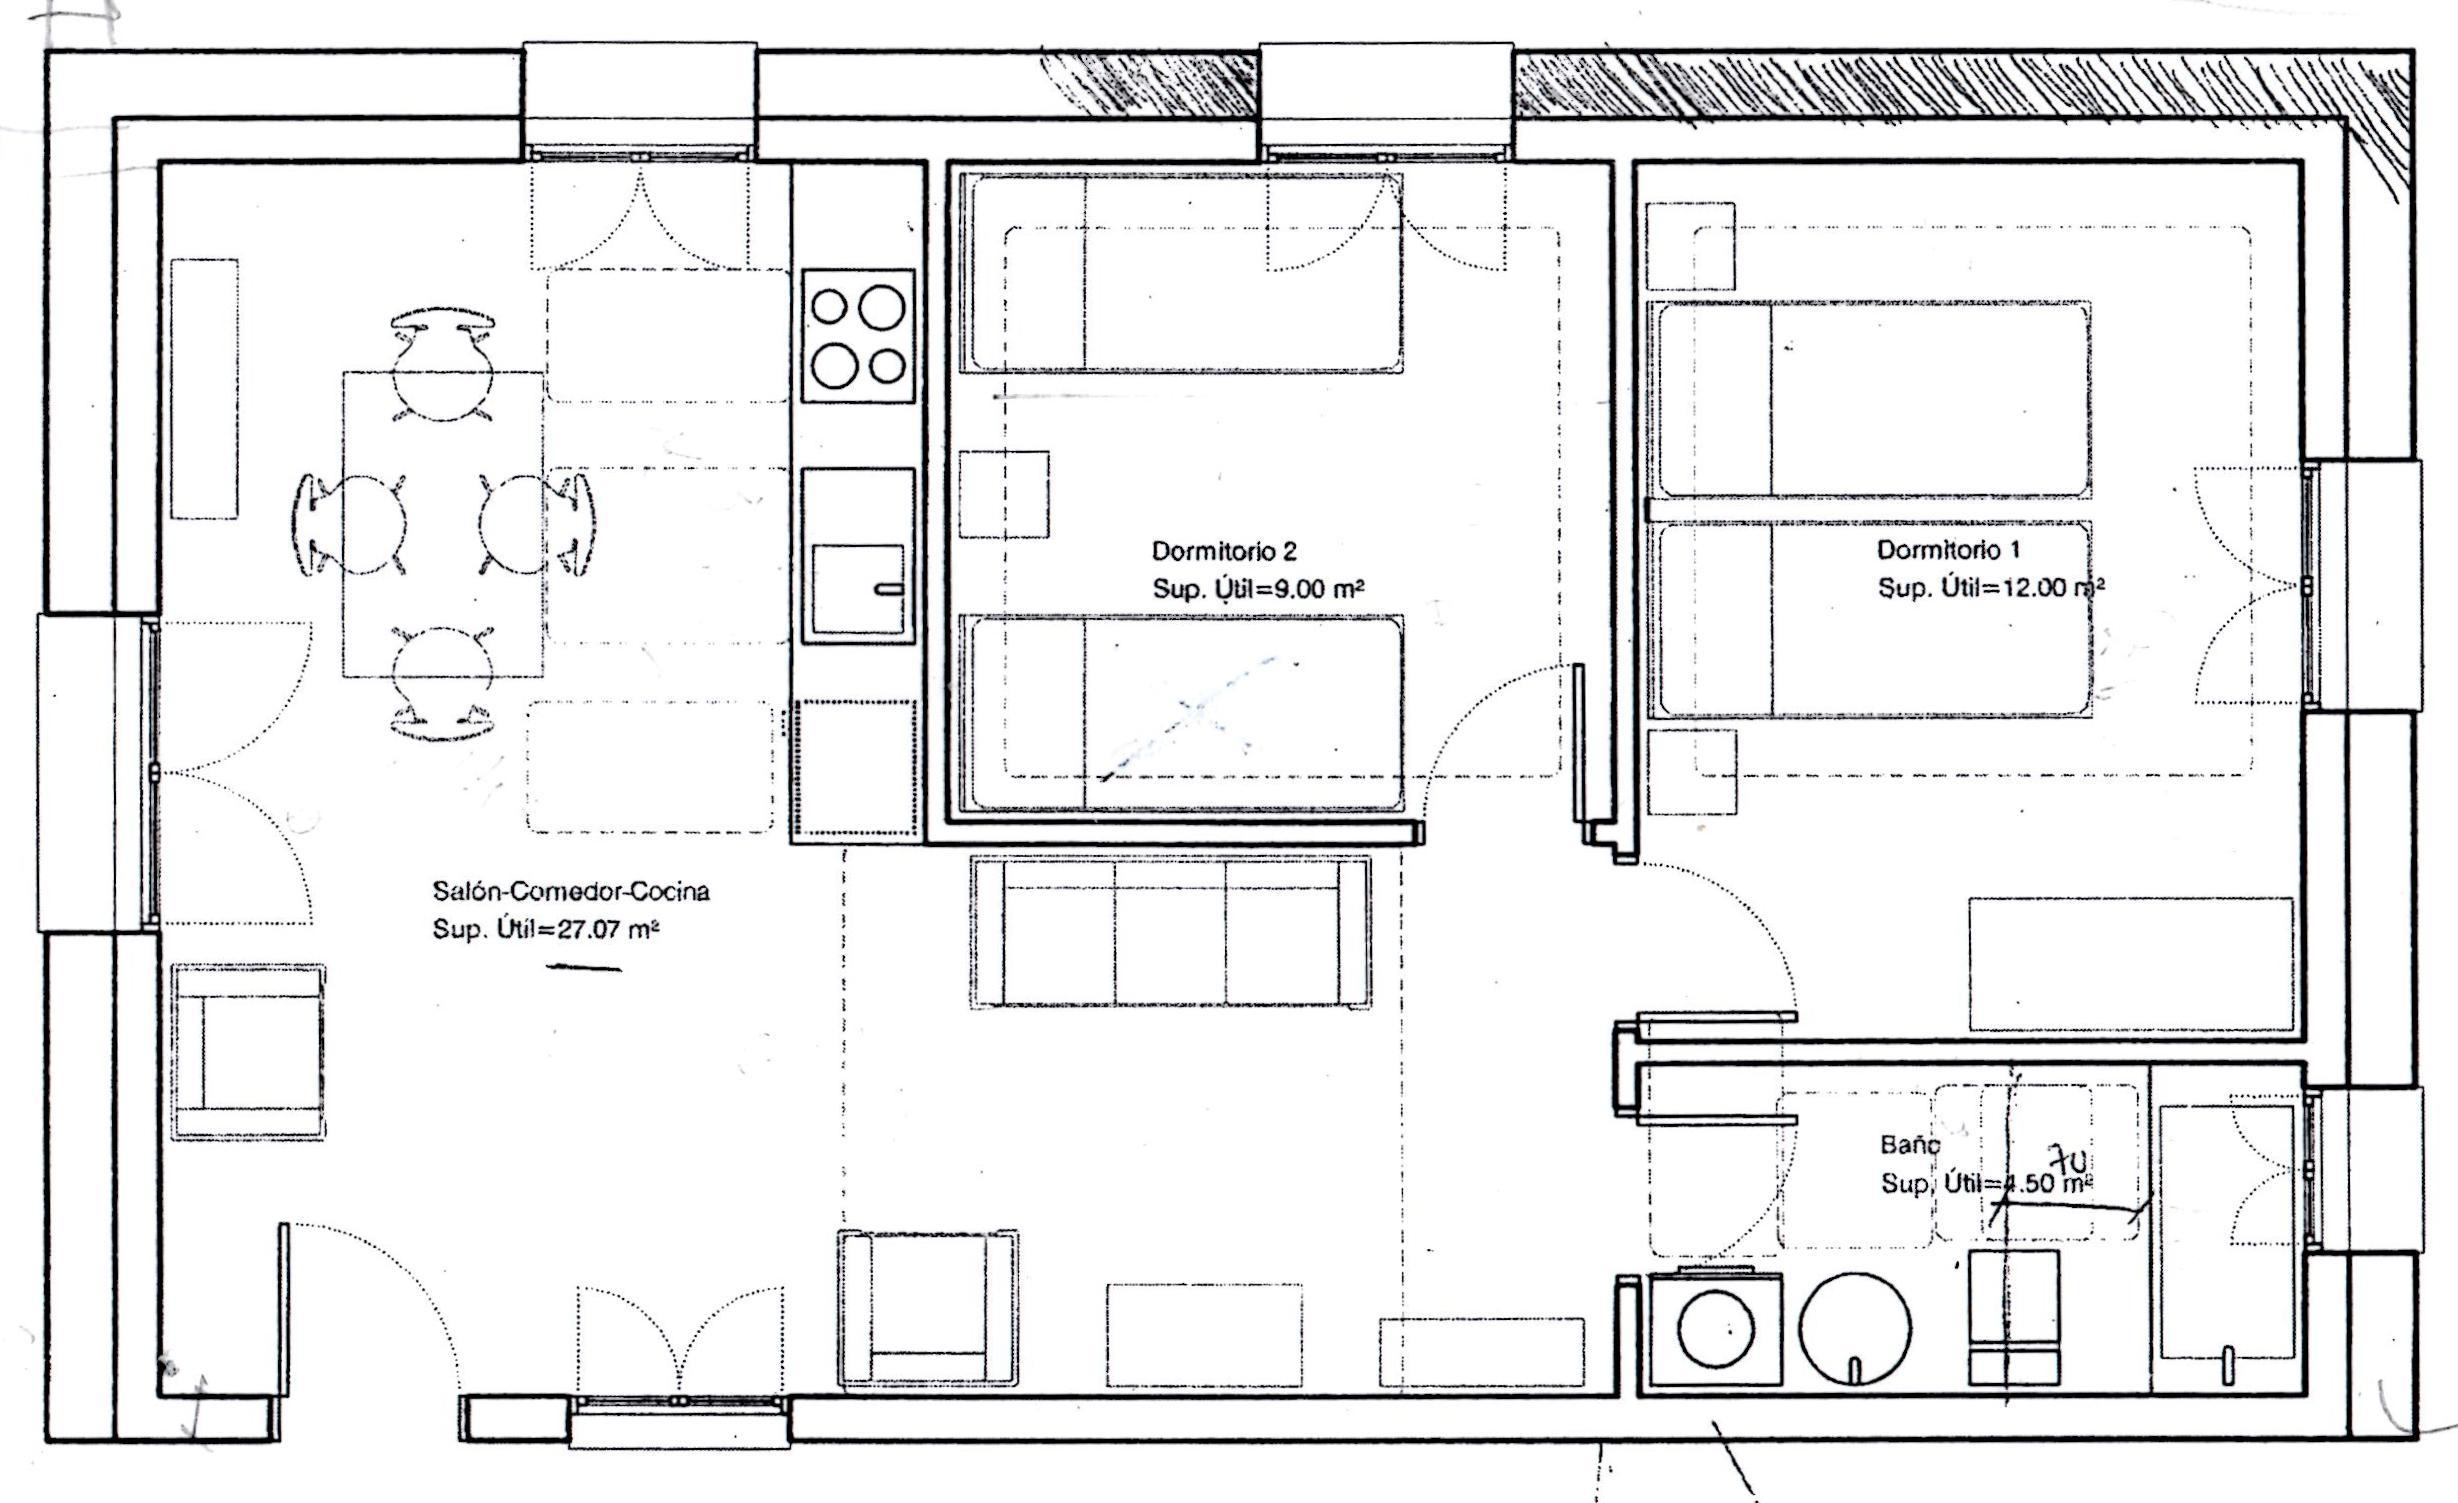 Plano de casa planta humanizada quartos with plano de casa click to close image click and drag - Planos de casas rurales ...